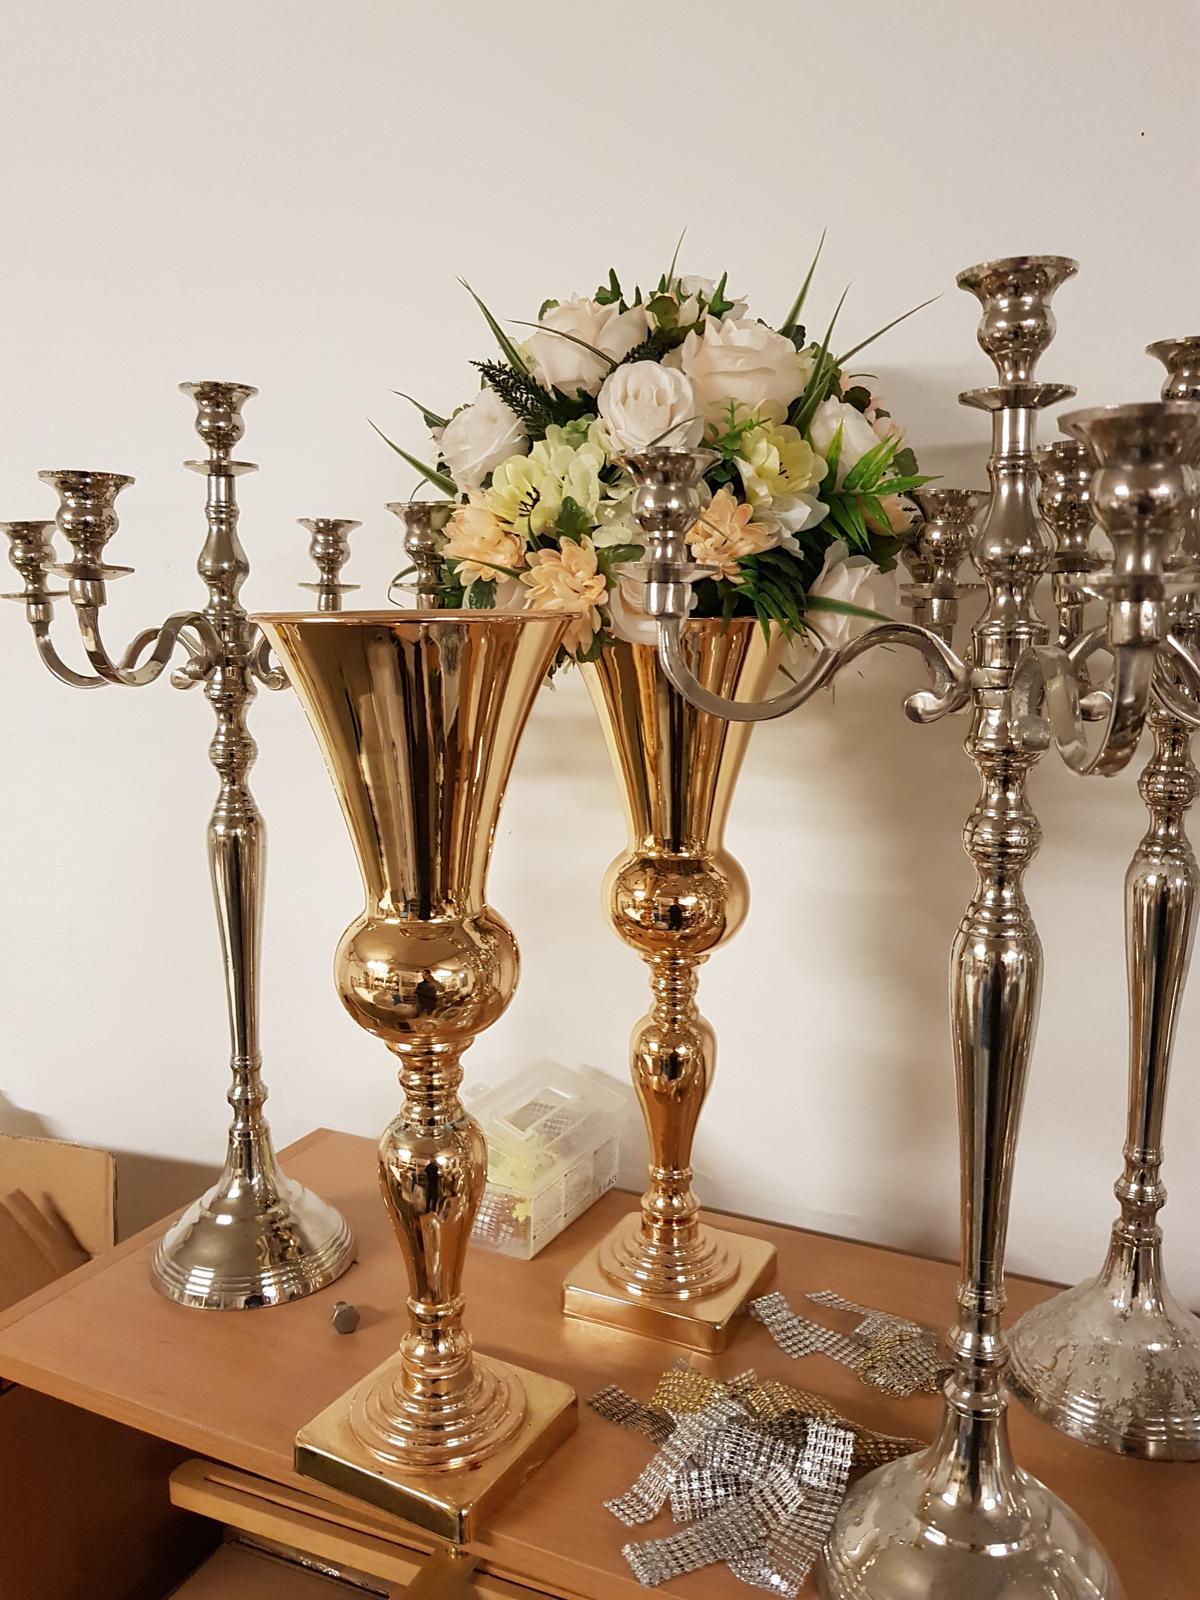 Váza zlatá 48cm - Obrázok č. 3